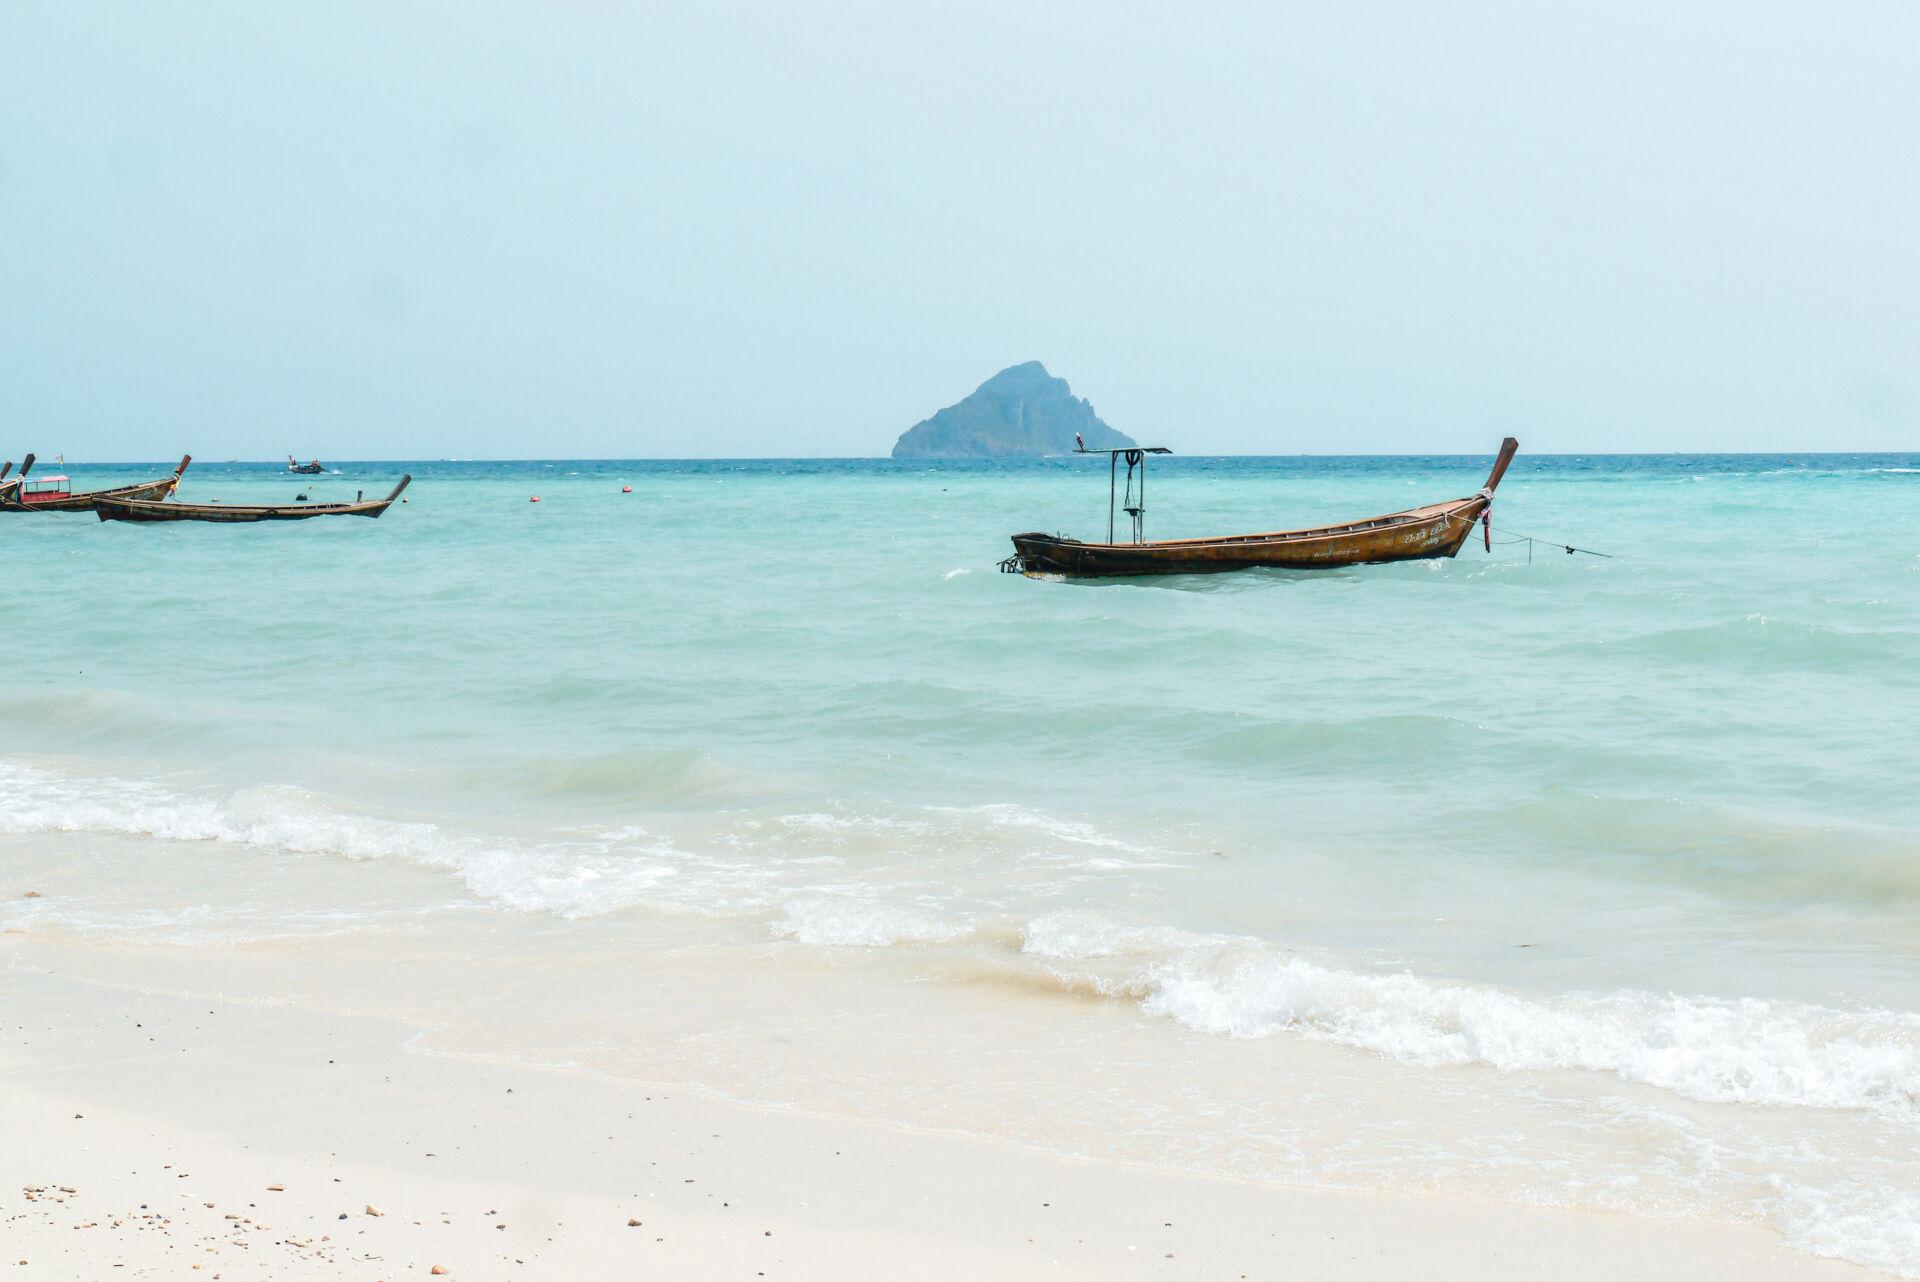 Thailands Beaches